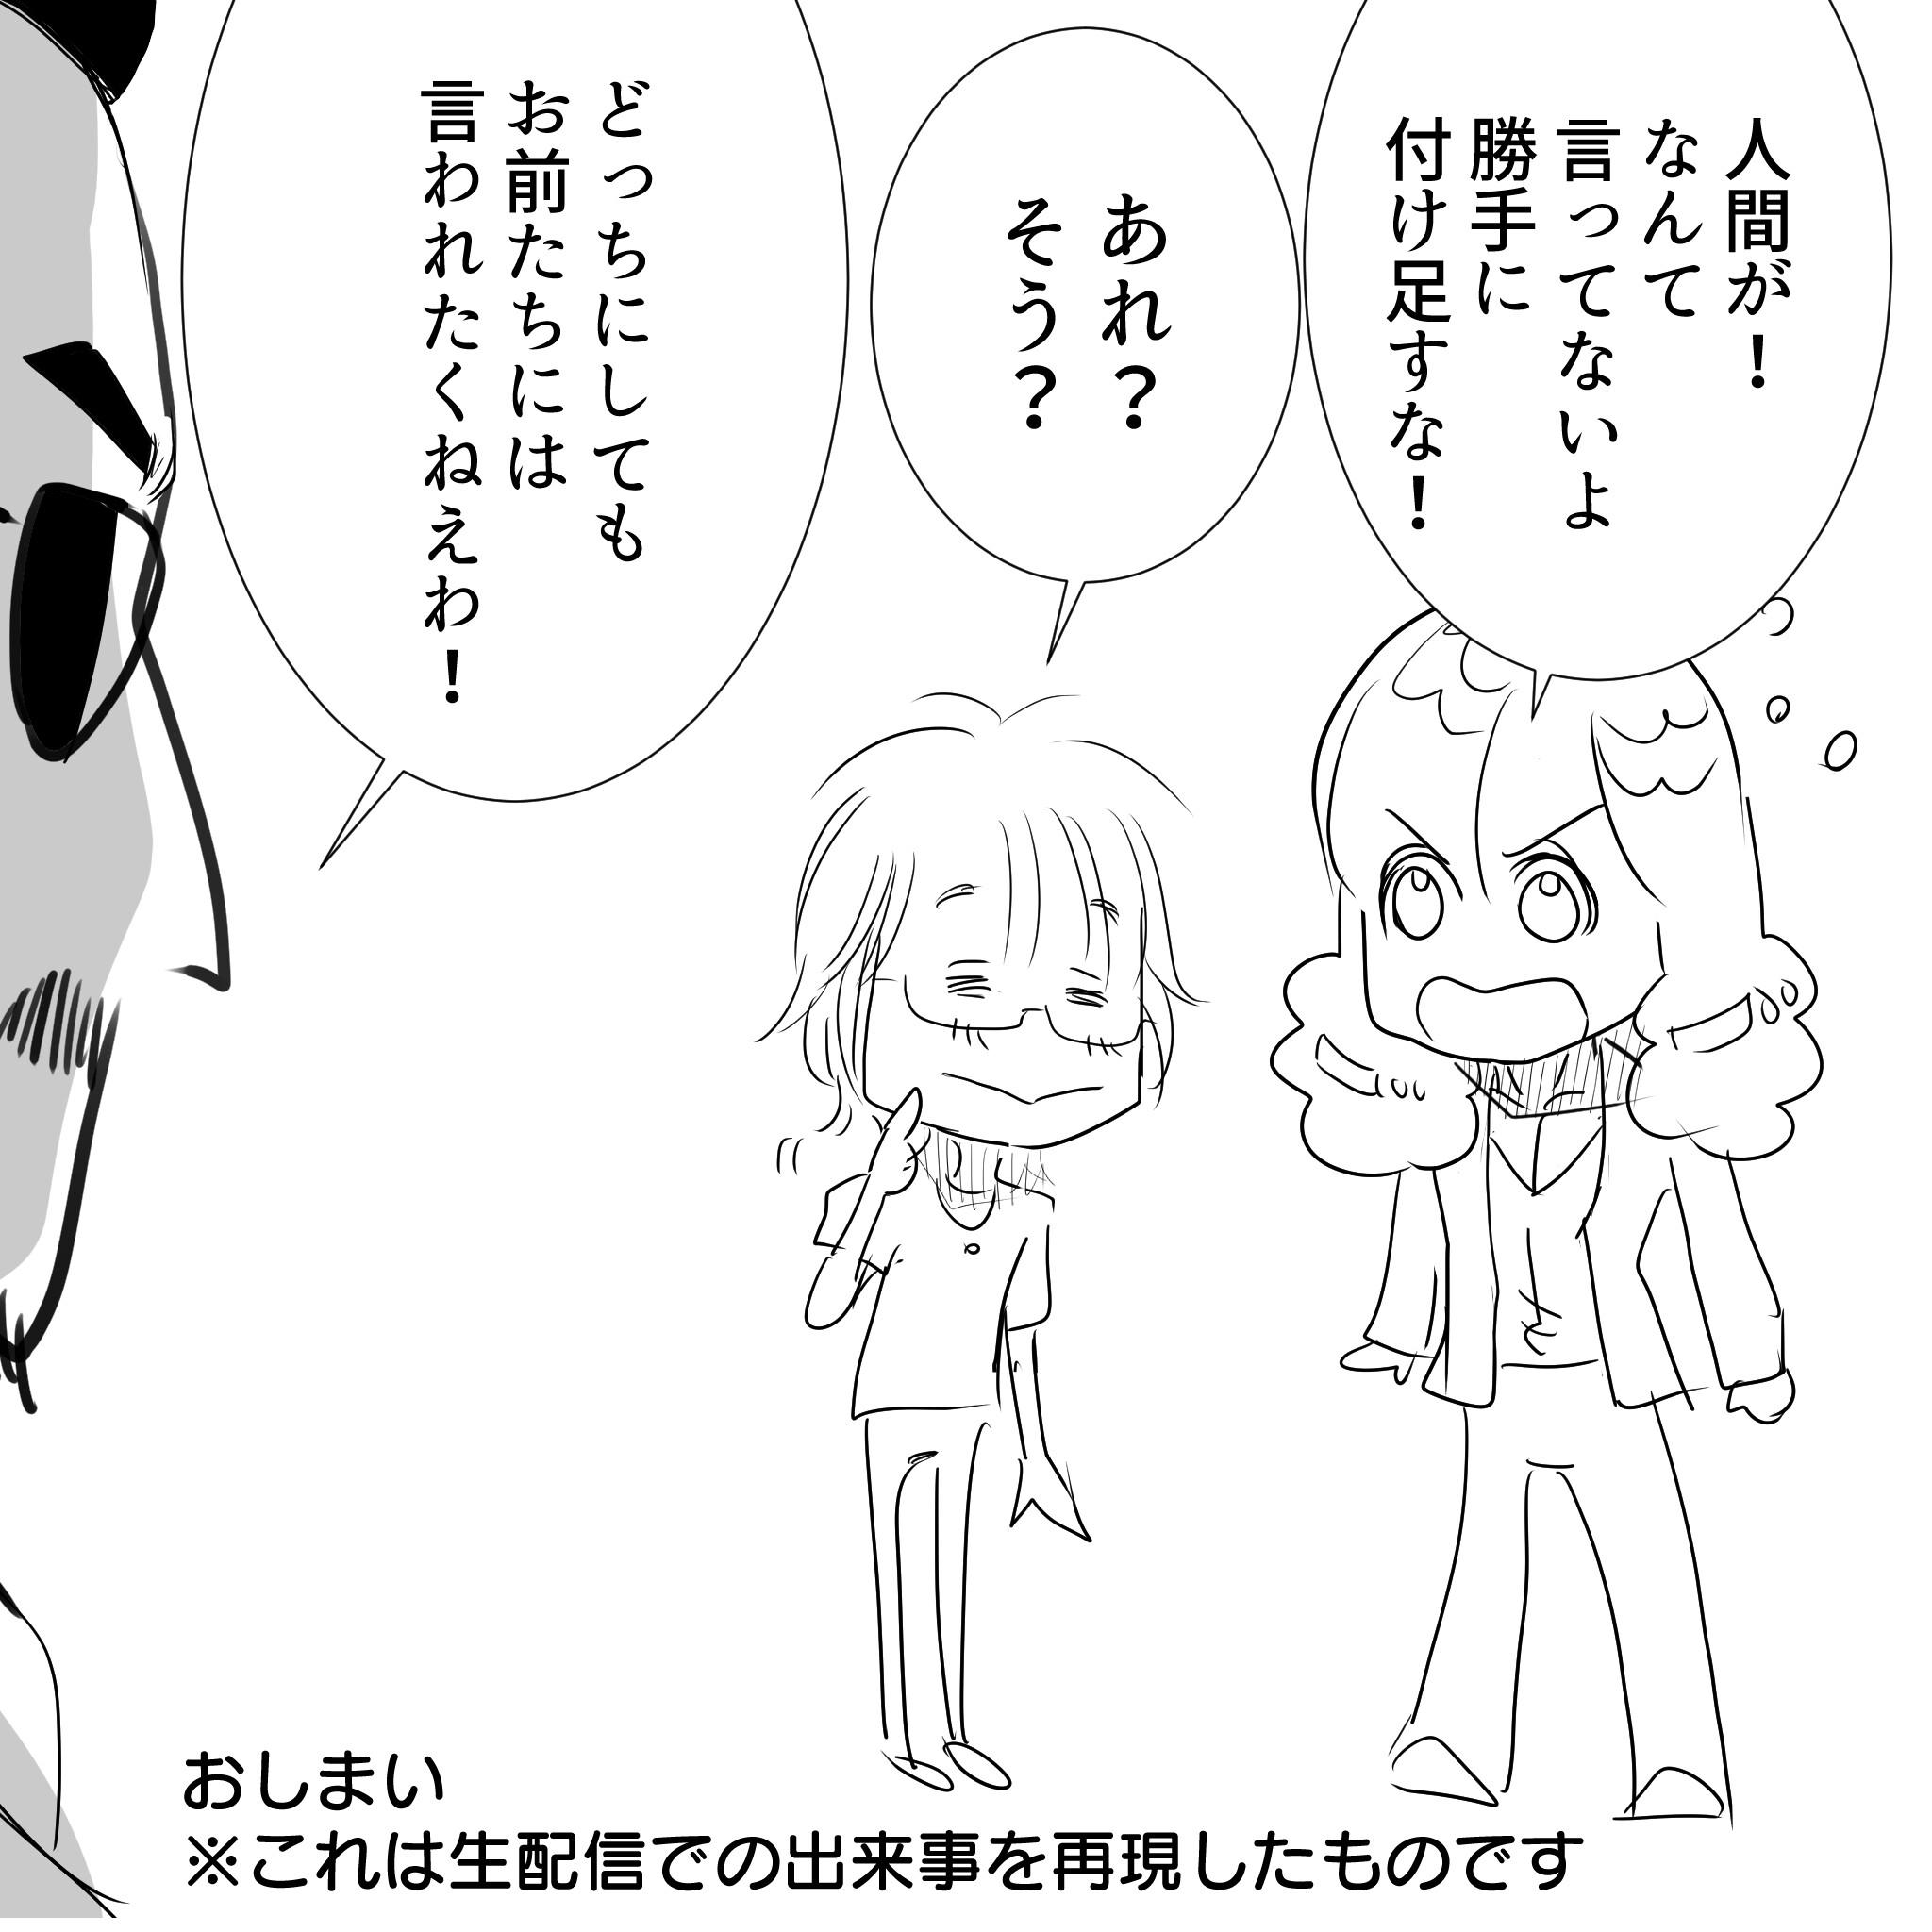 つけたし坂崎4